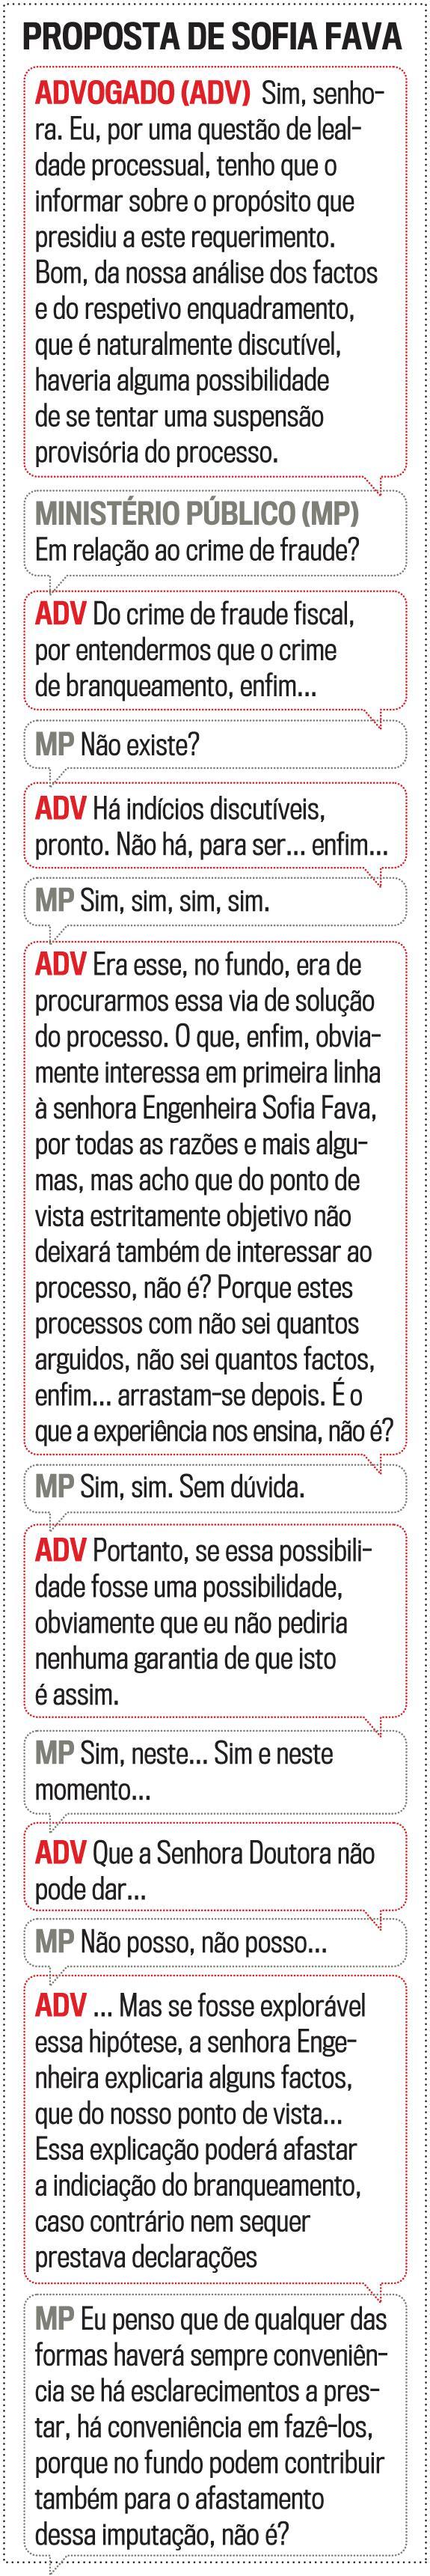 sofiafava-page-001